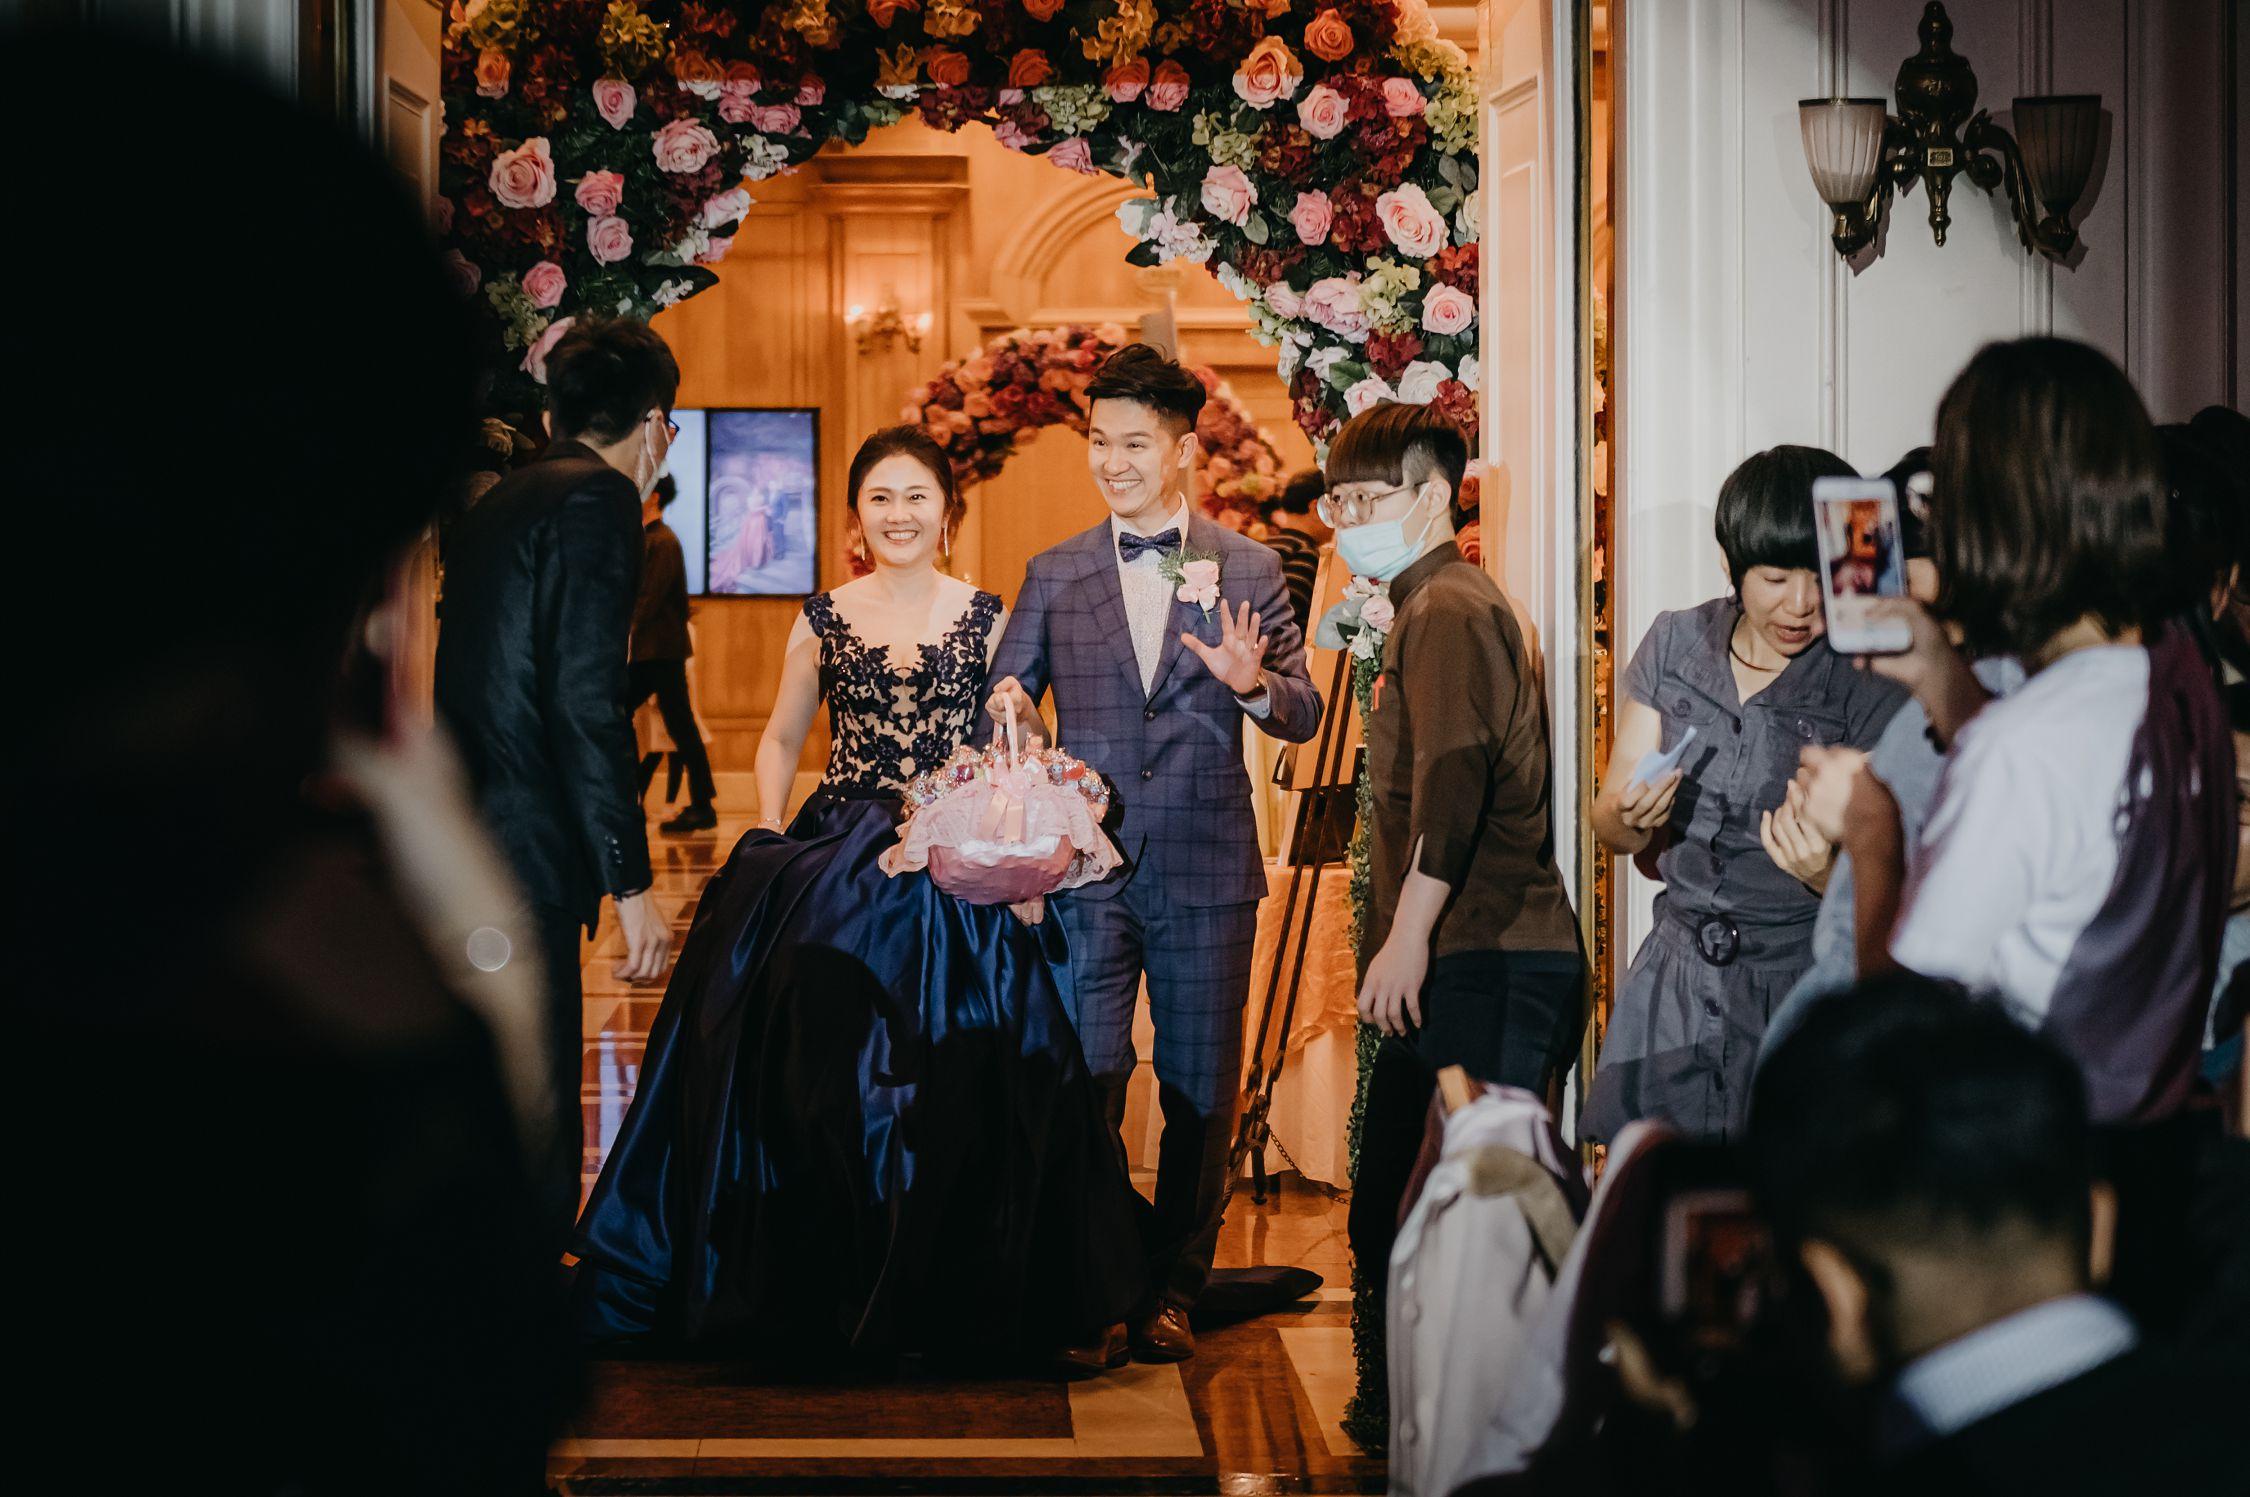 婚禮,婚攝,婚禮紀錄,攝影師,婚戒,造型師,新秘,新娘物語推薦,ptt推薦,台中婚攝,台中僑園,雙機攝影,儀式,闖關,結婚,訂婚,婚禮小物,